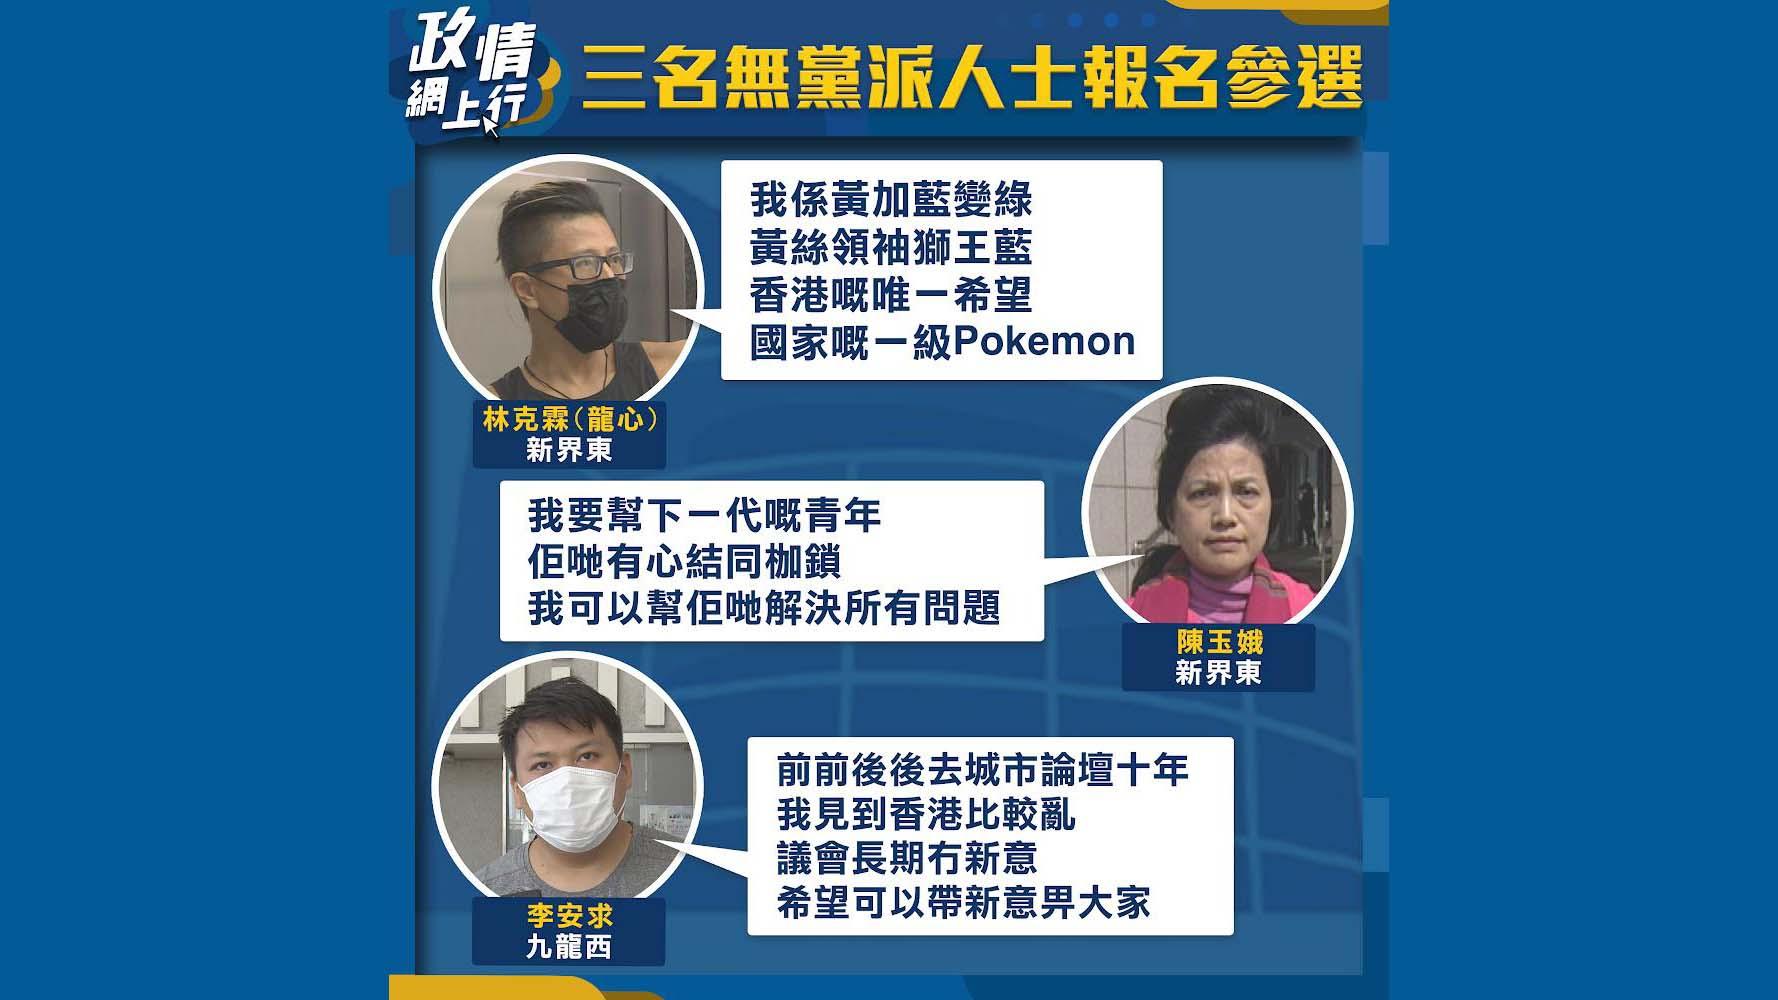 【政情網上行】三名無黨派人士報名參選